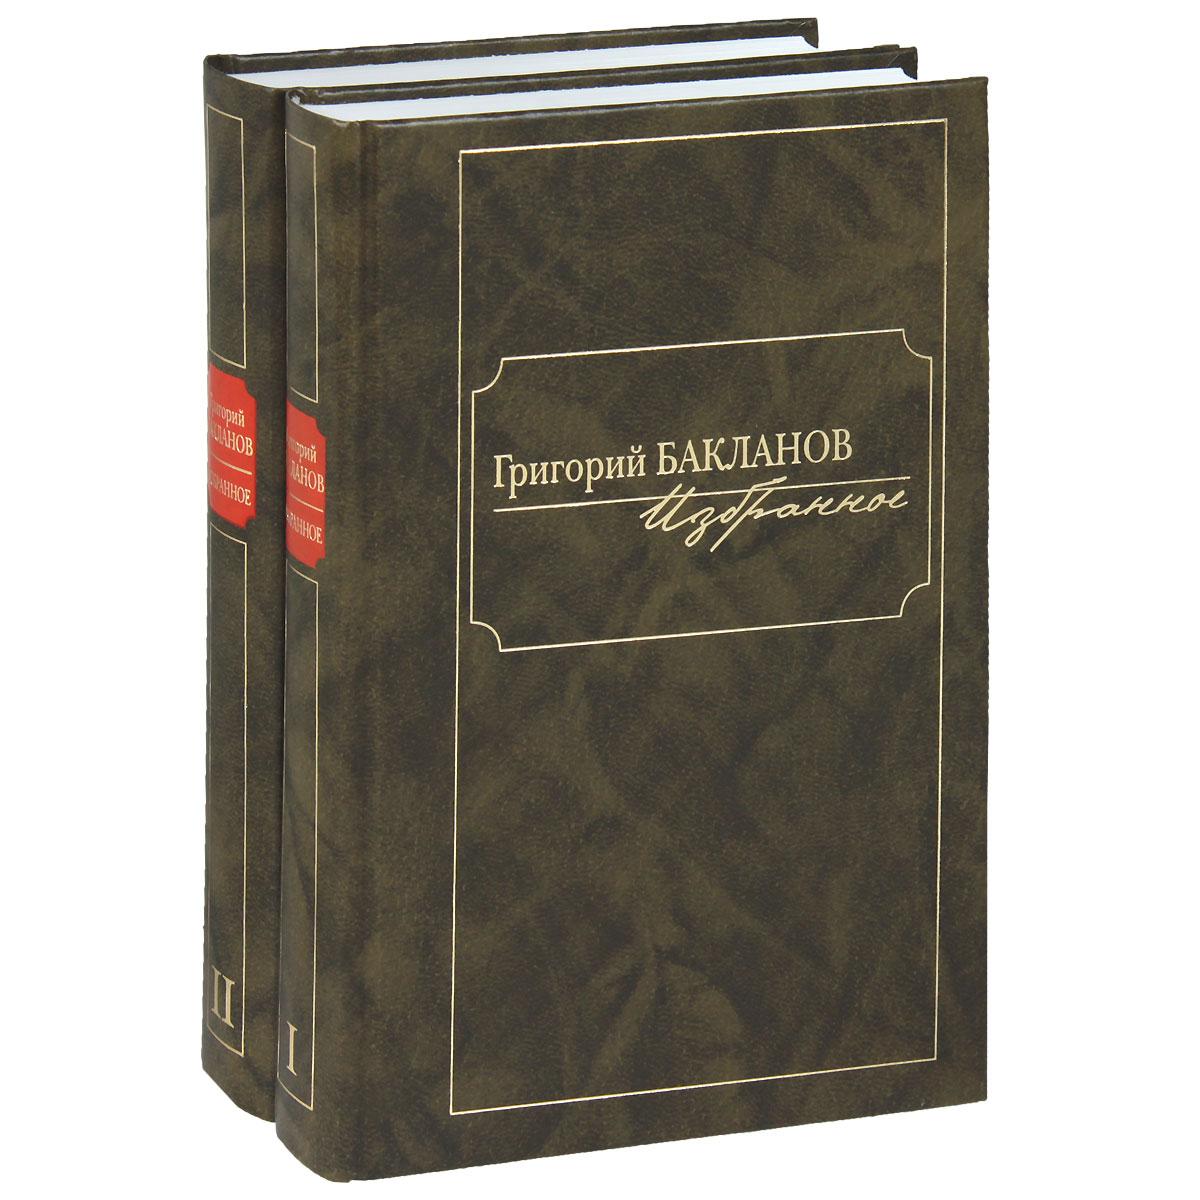 Григорий Бакланов. Избранное (комплект из 2 книг)